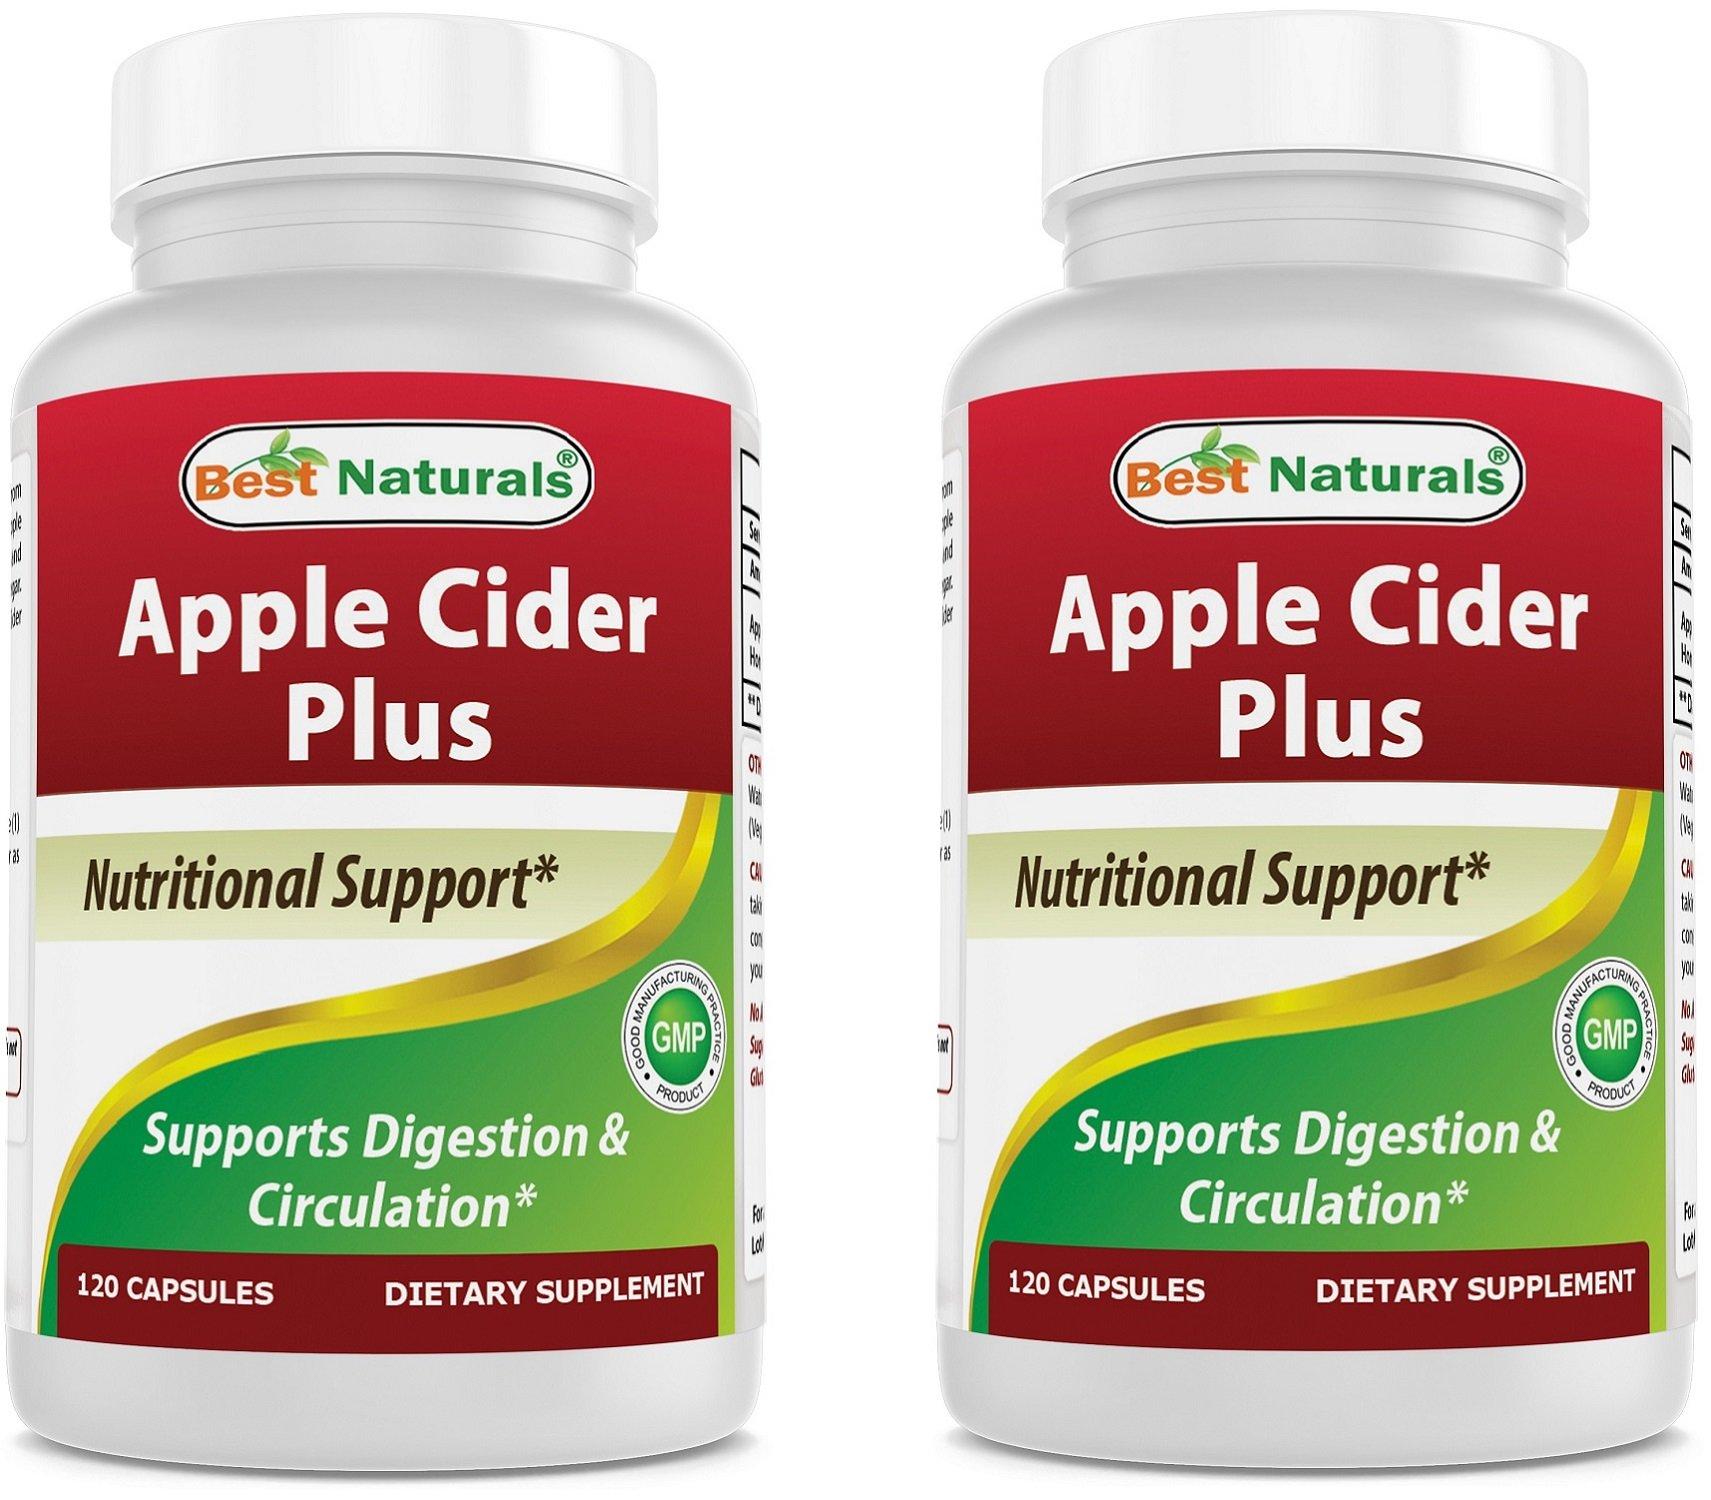 Best Naturals Apple Cider Plus